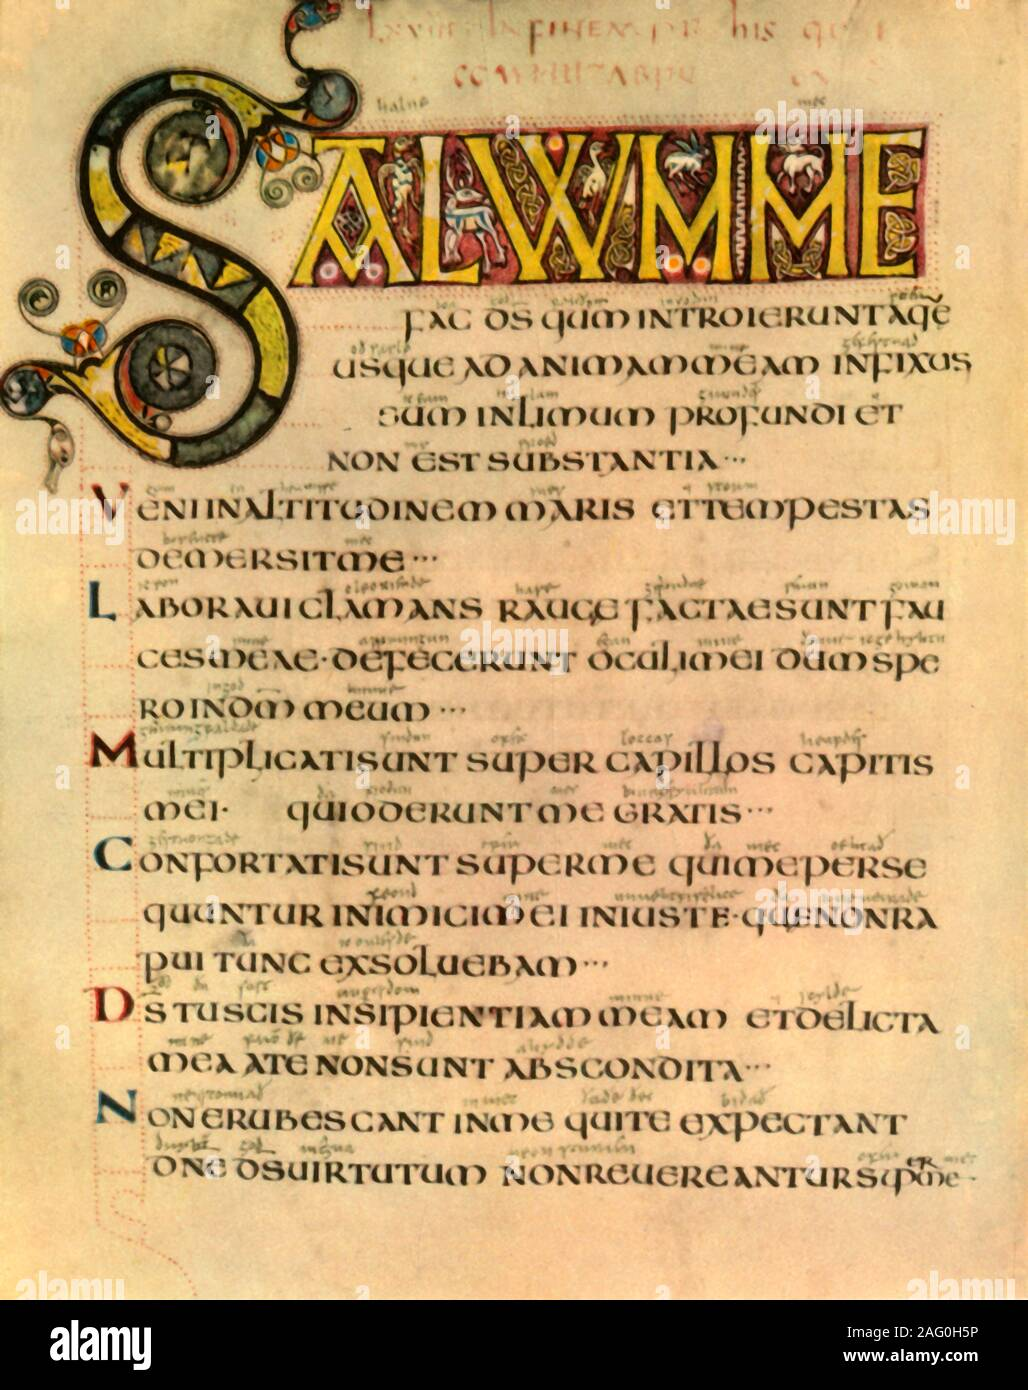 Una Página Desde Los Primeros Inglés Salterio 1947 La Ilustración Y El Texto Latino Del Libro